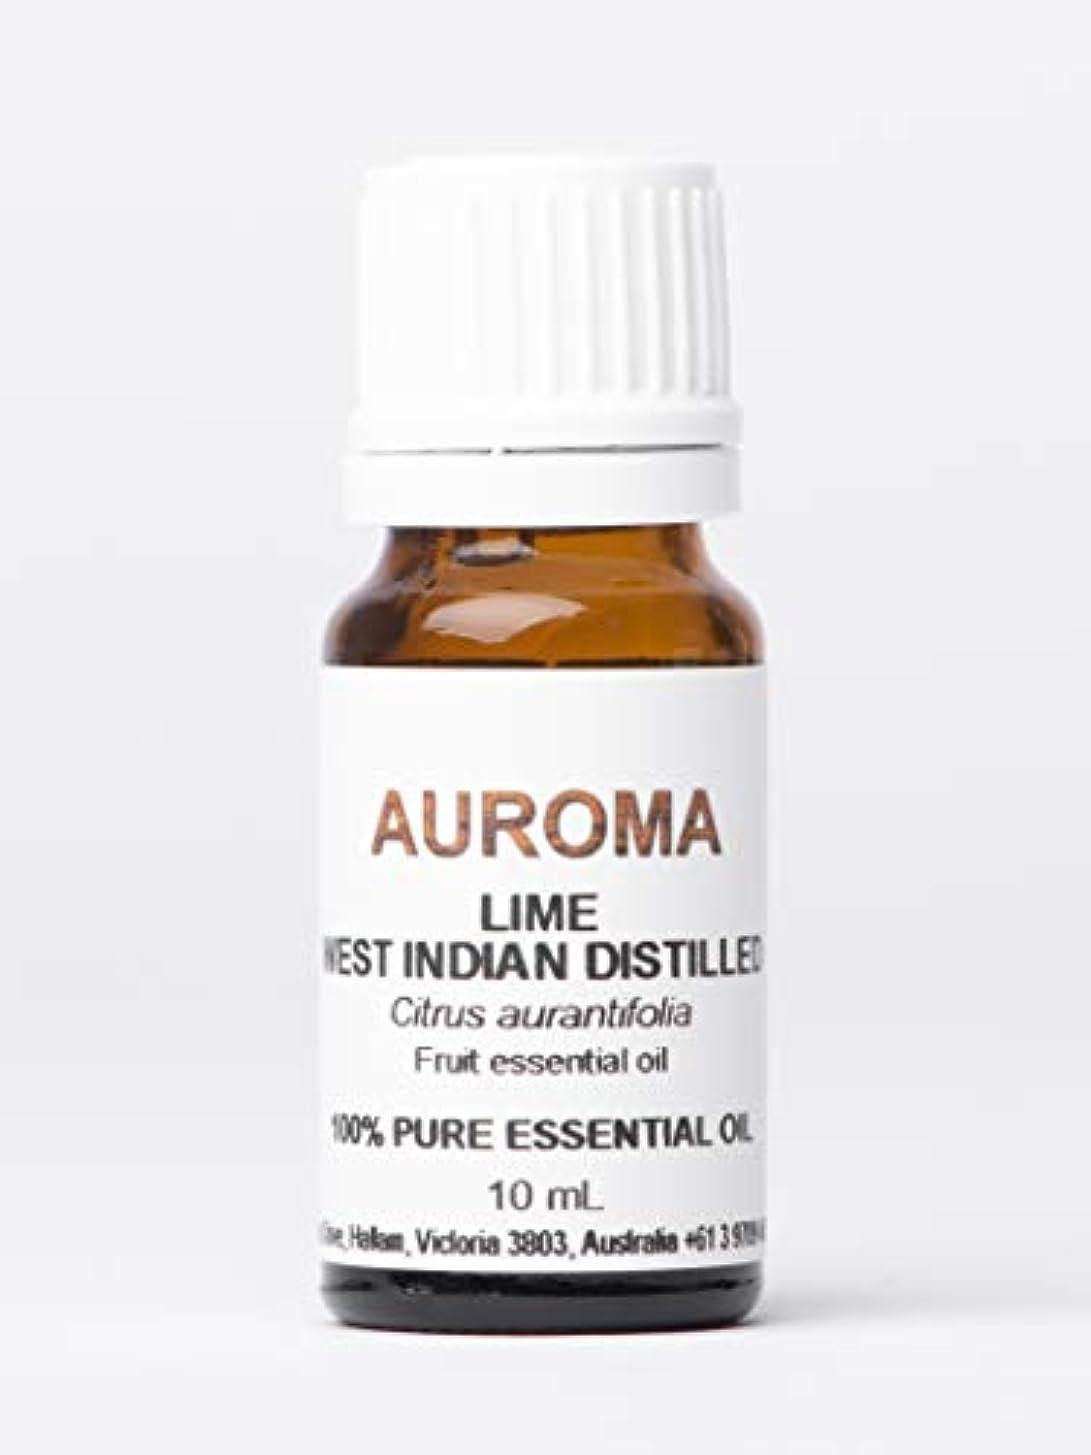 結婚したレクリエーションビタミンAUROMA ライムディスティル(光毒性成分なし) 10ml